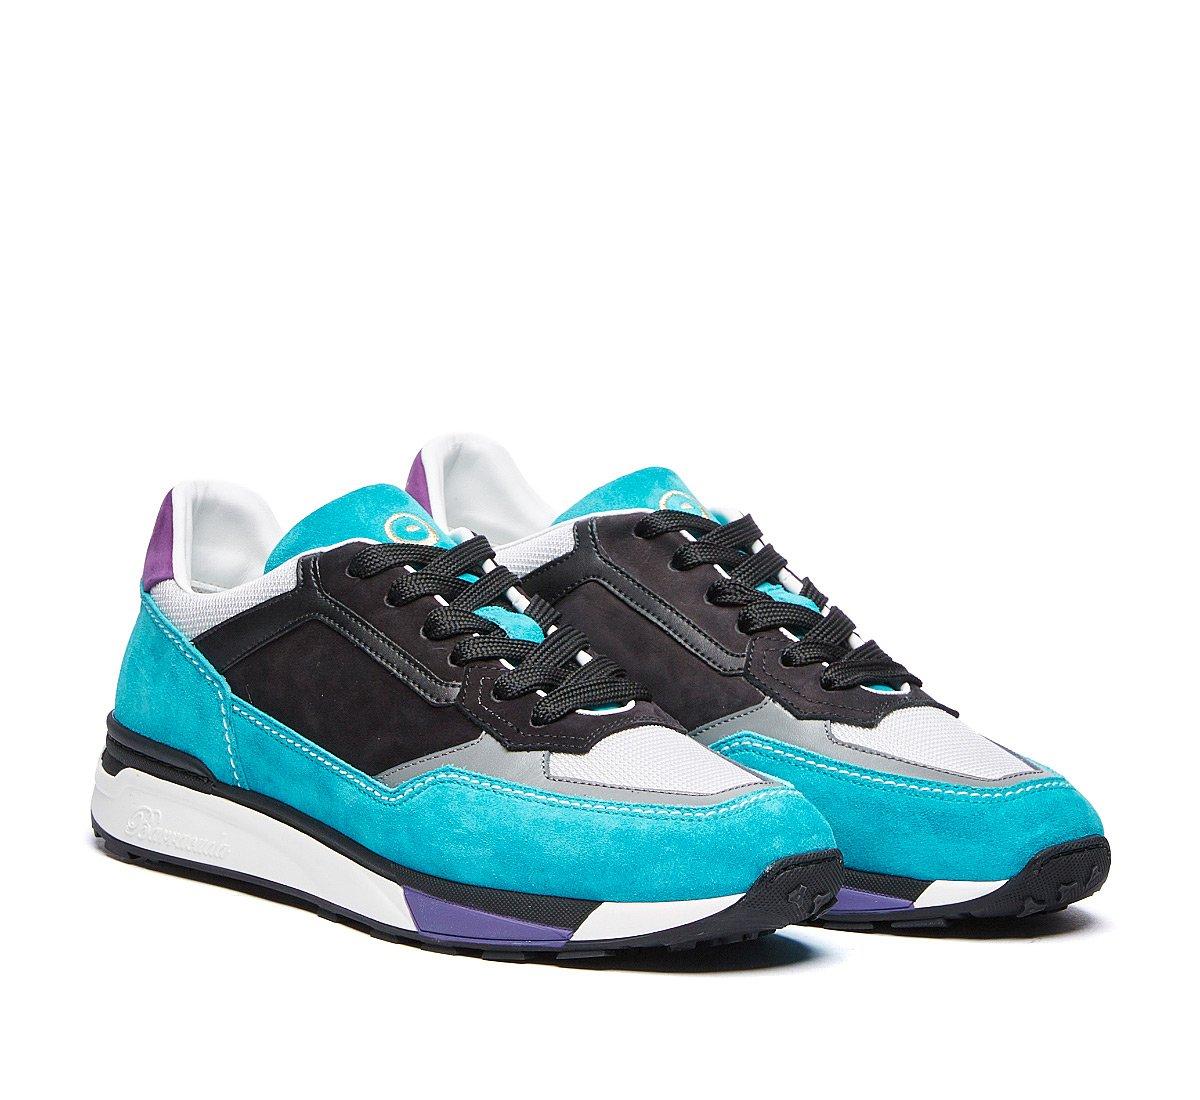 GENE Barracuda sneakers